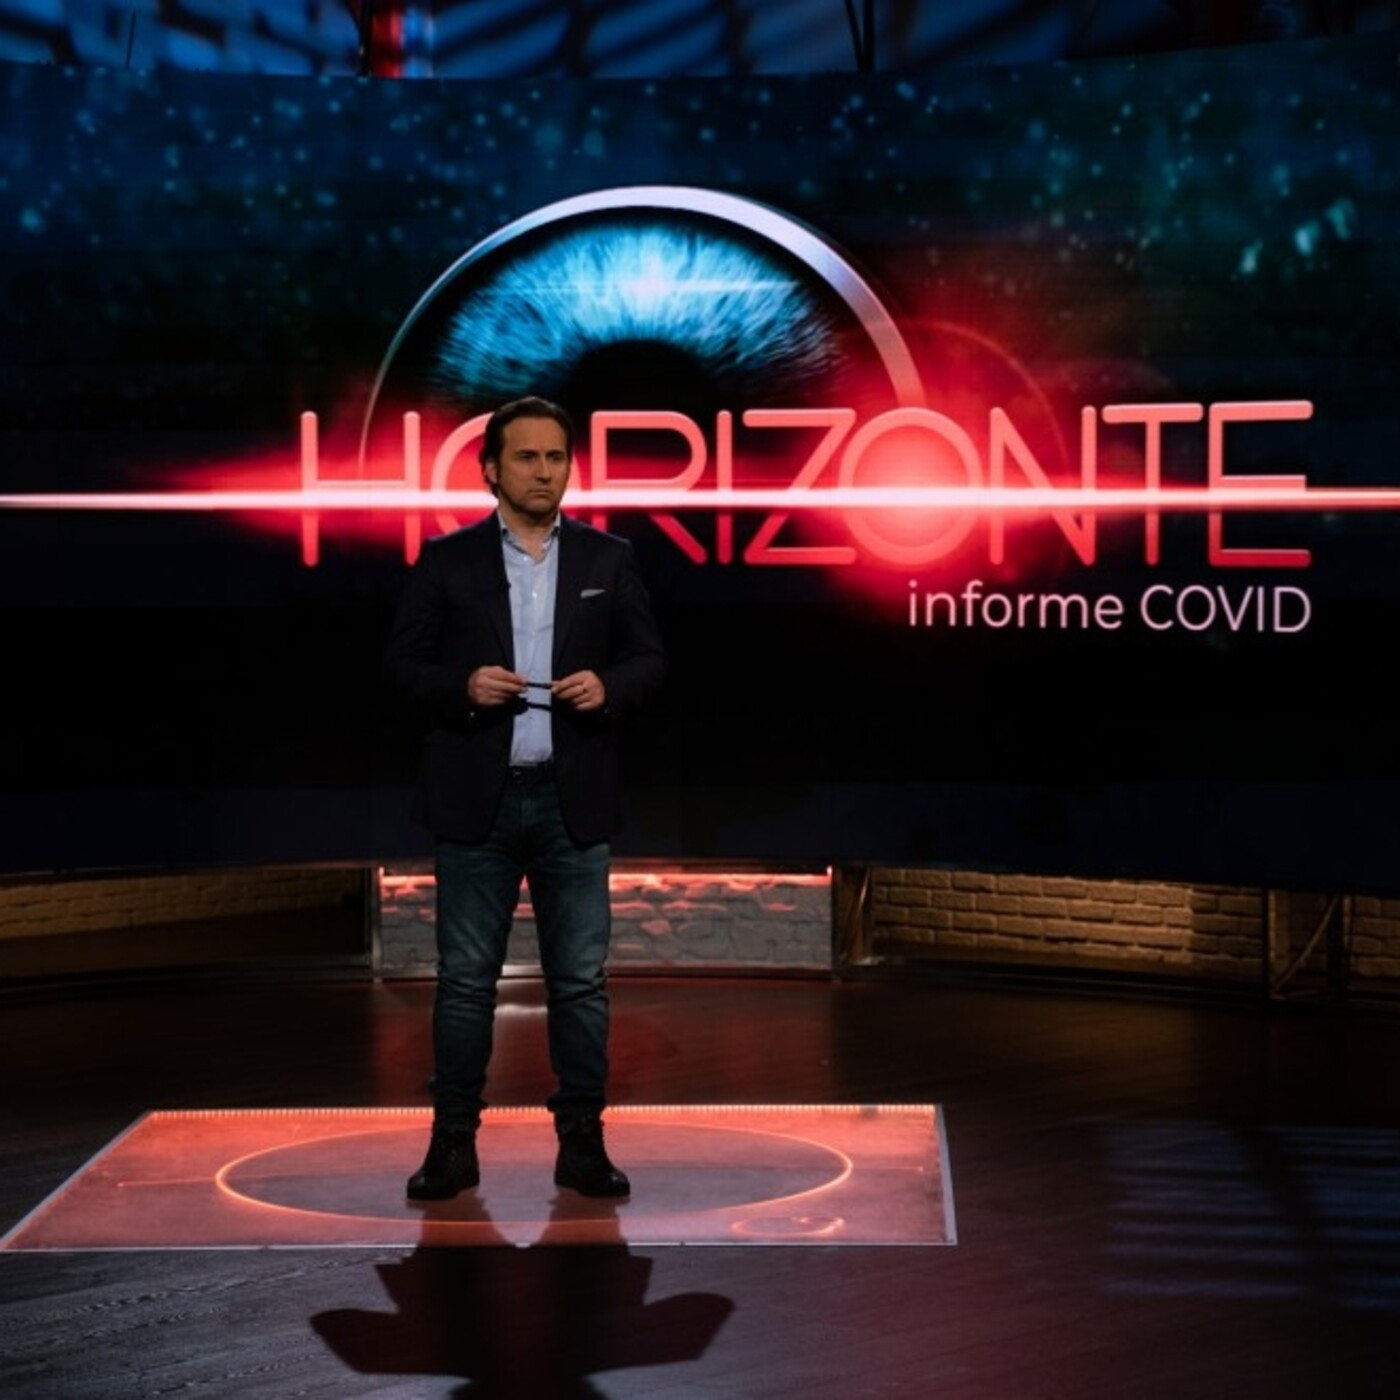 Horizonte: Informe Covid Episodio 15 (23-12-2020) La nueva cepa